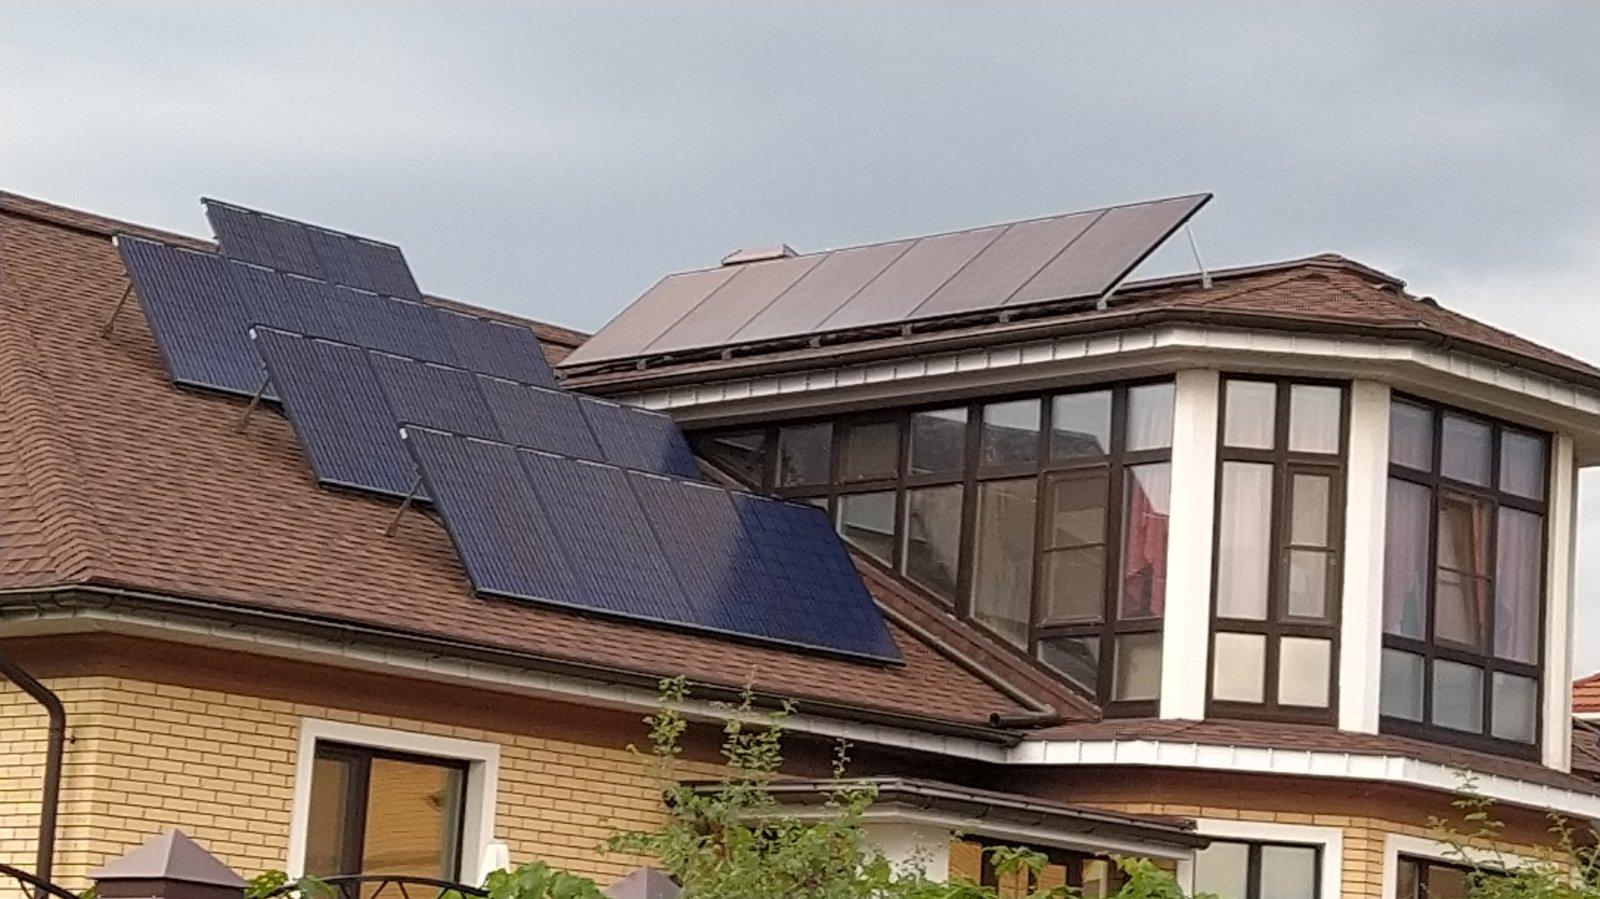 Вклад в «зеленое» будущее: «ТНС энерго» заключило первый договор купли-продажи электроэнергии с объектом микрогенерации